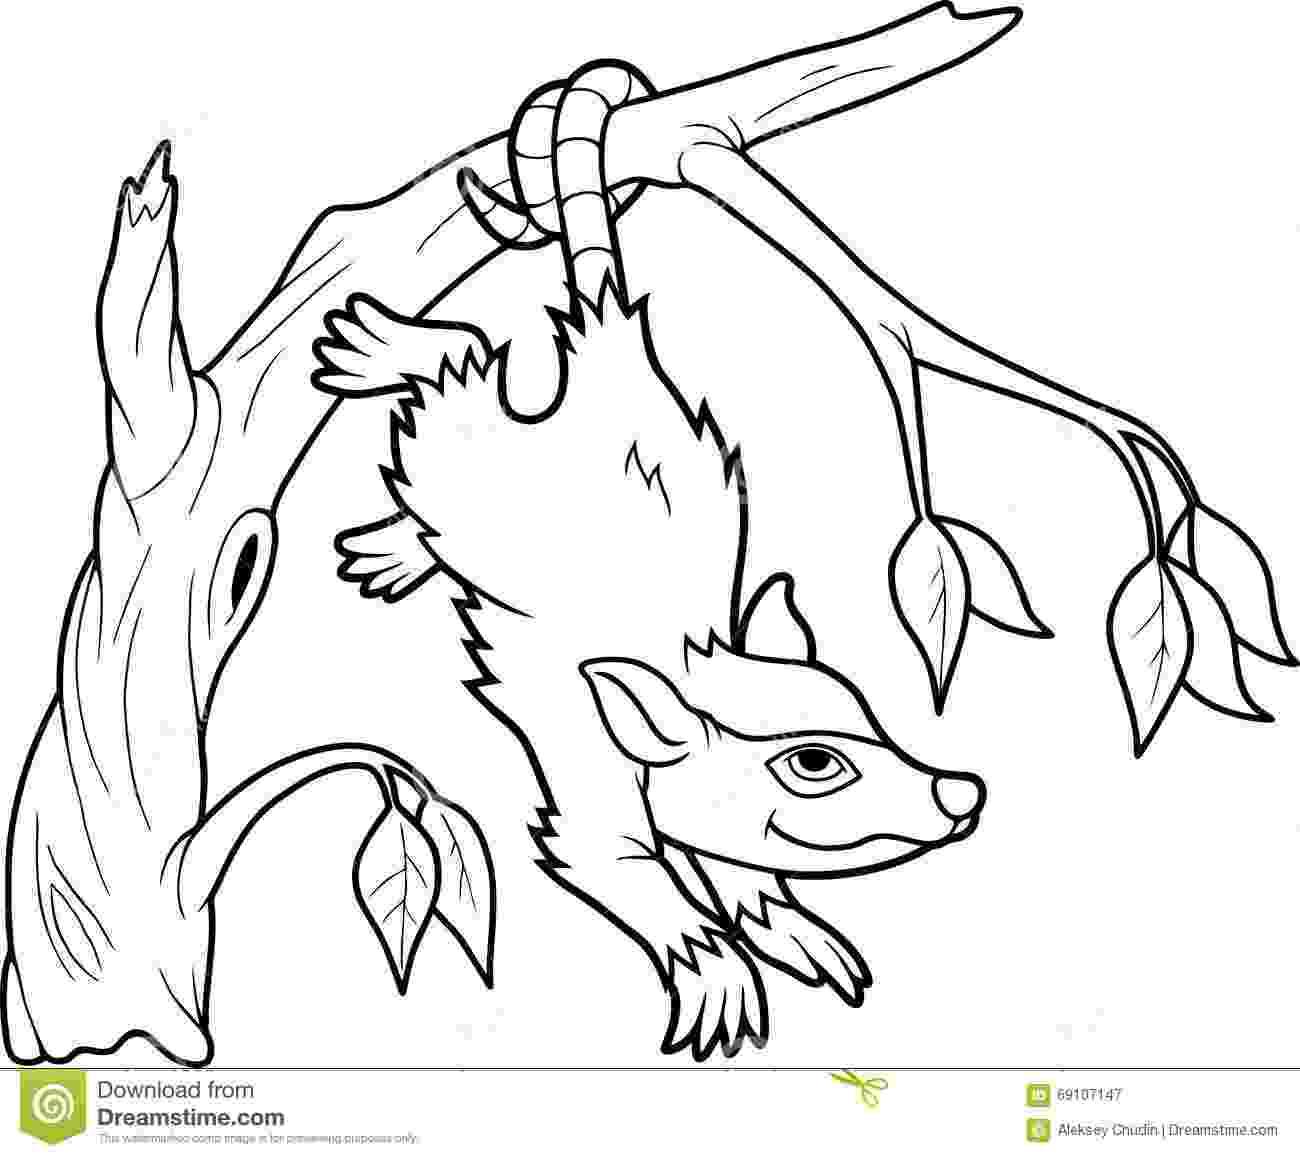 opossum coloring page virginia opossum coloring page free printable coloring pages coloring page opossum